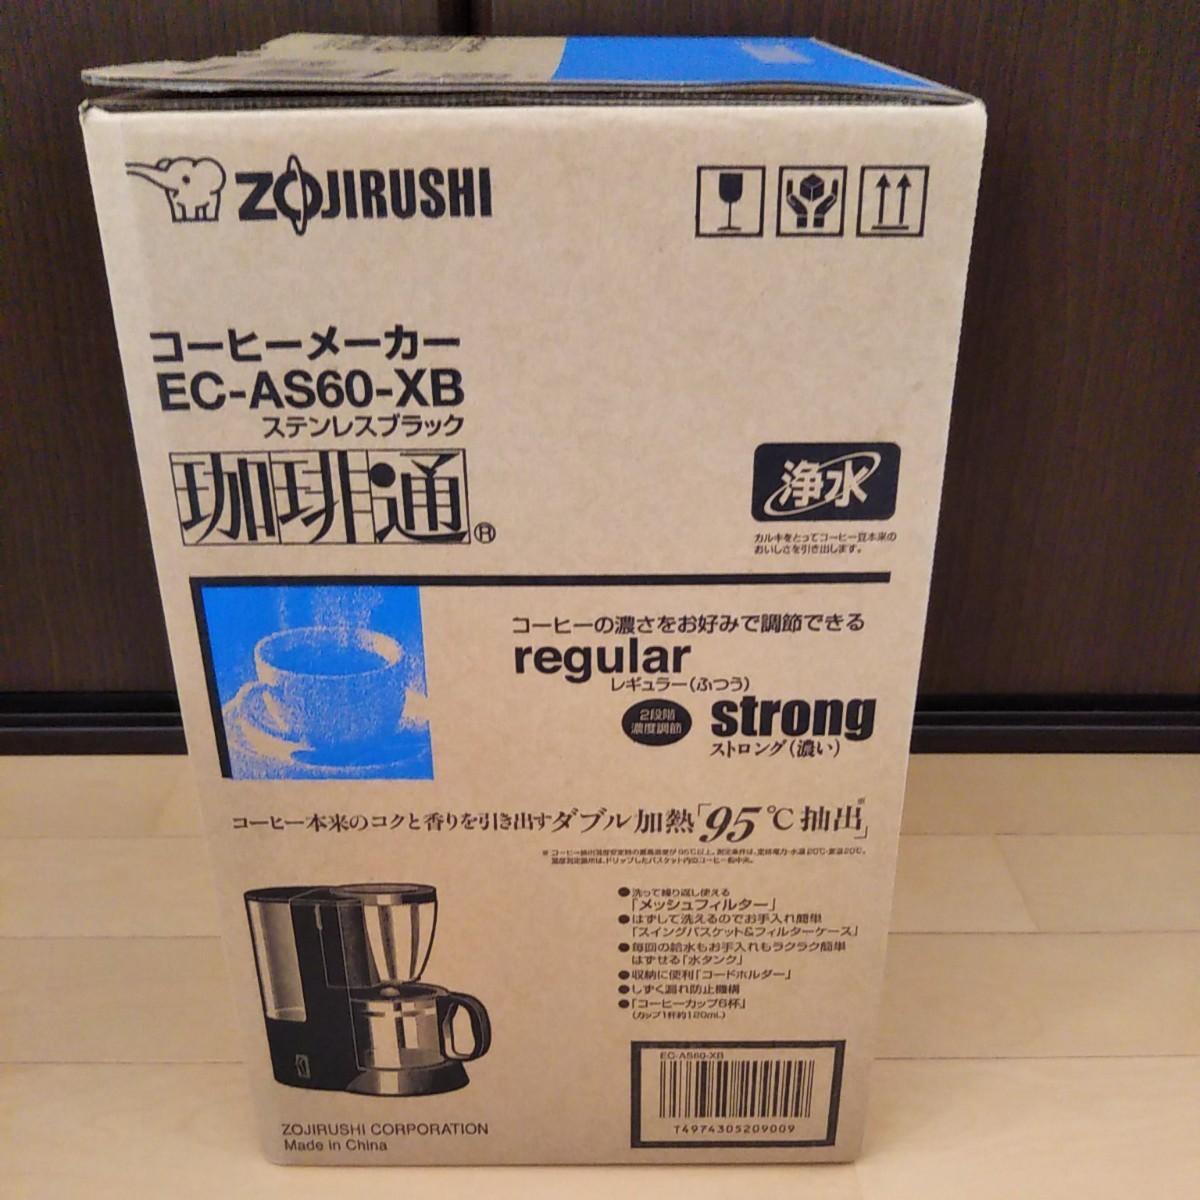 コーヒーメーカー 珈琲通 ZOJIRUSHI